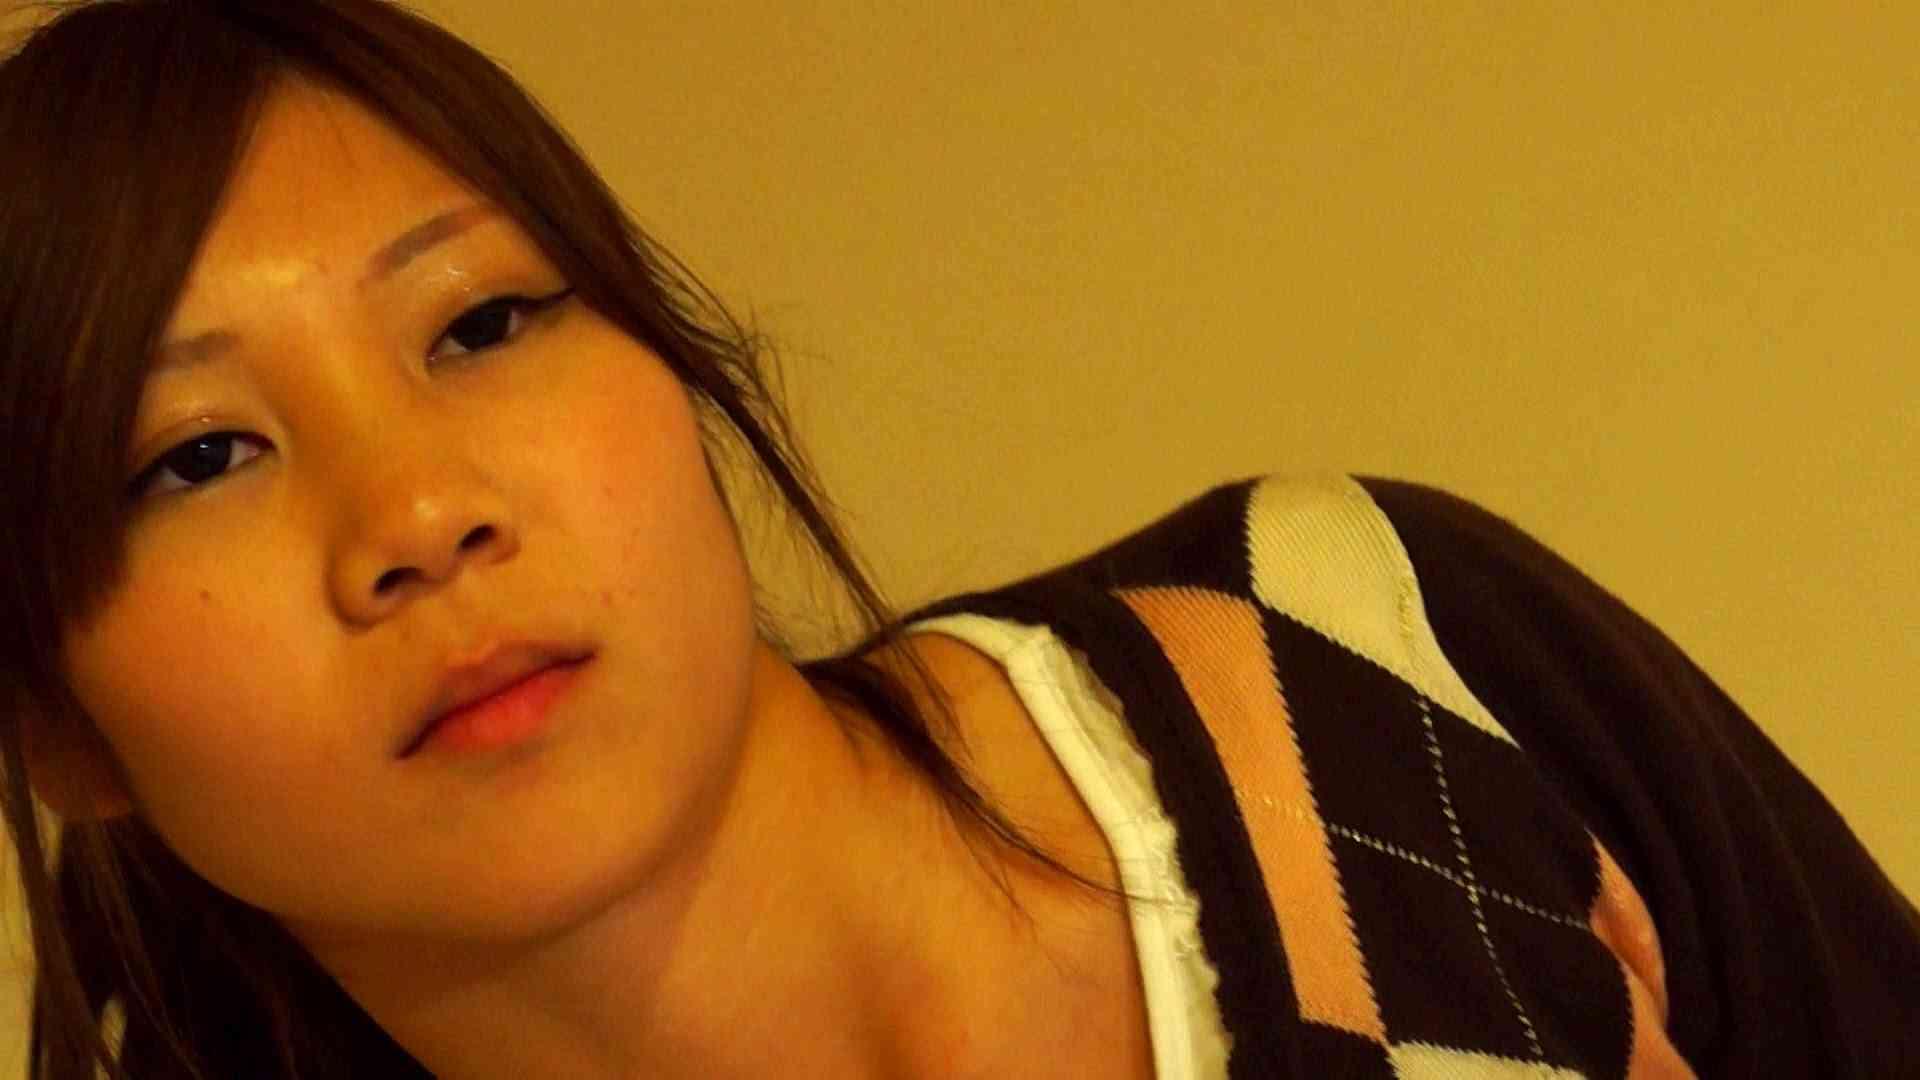 vol.11 瑞希ちゃんのパンチラサービス OLのプライベート エロ画像 12pic 11